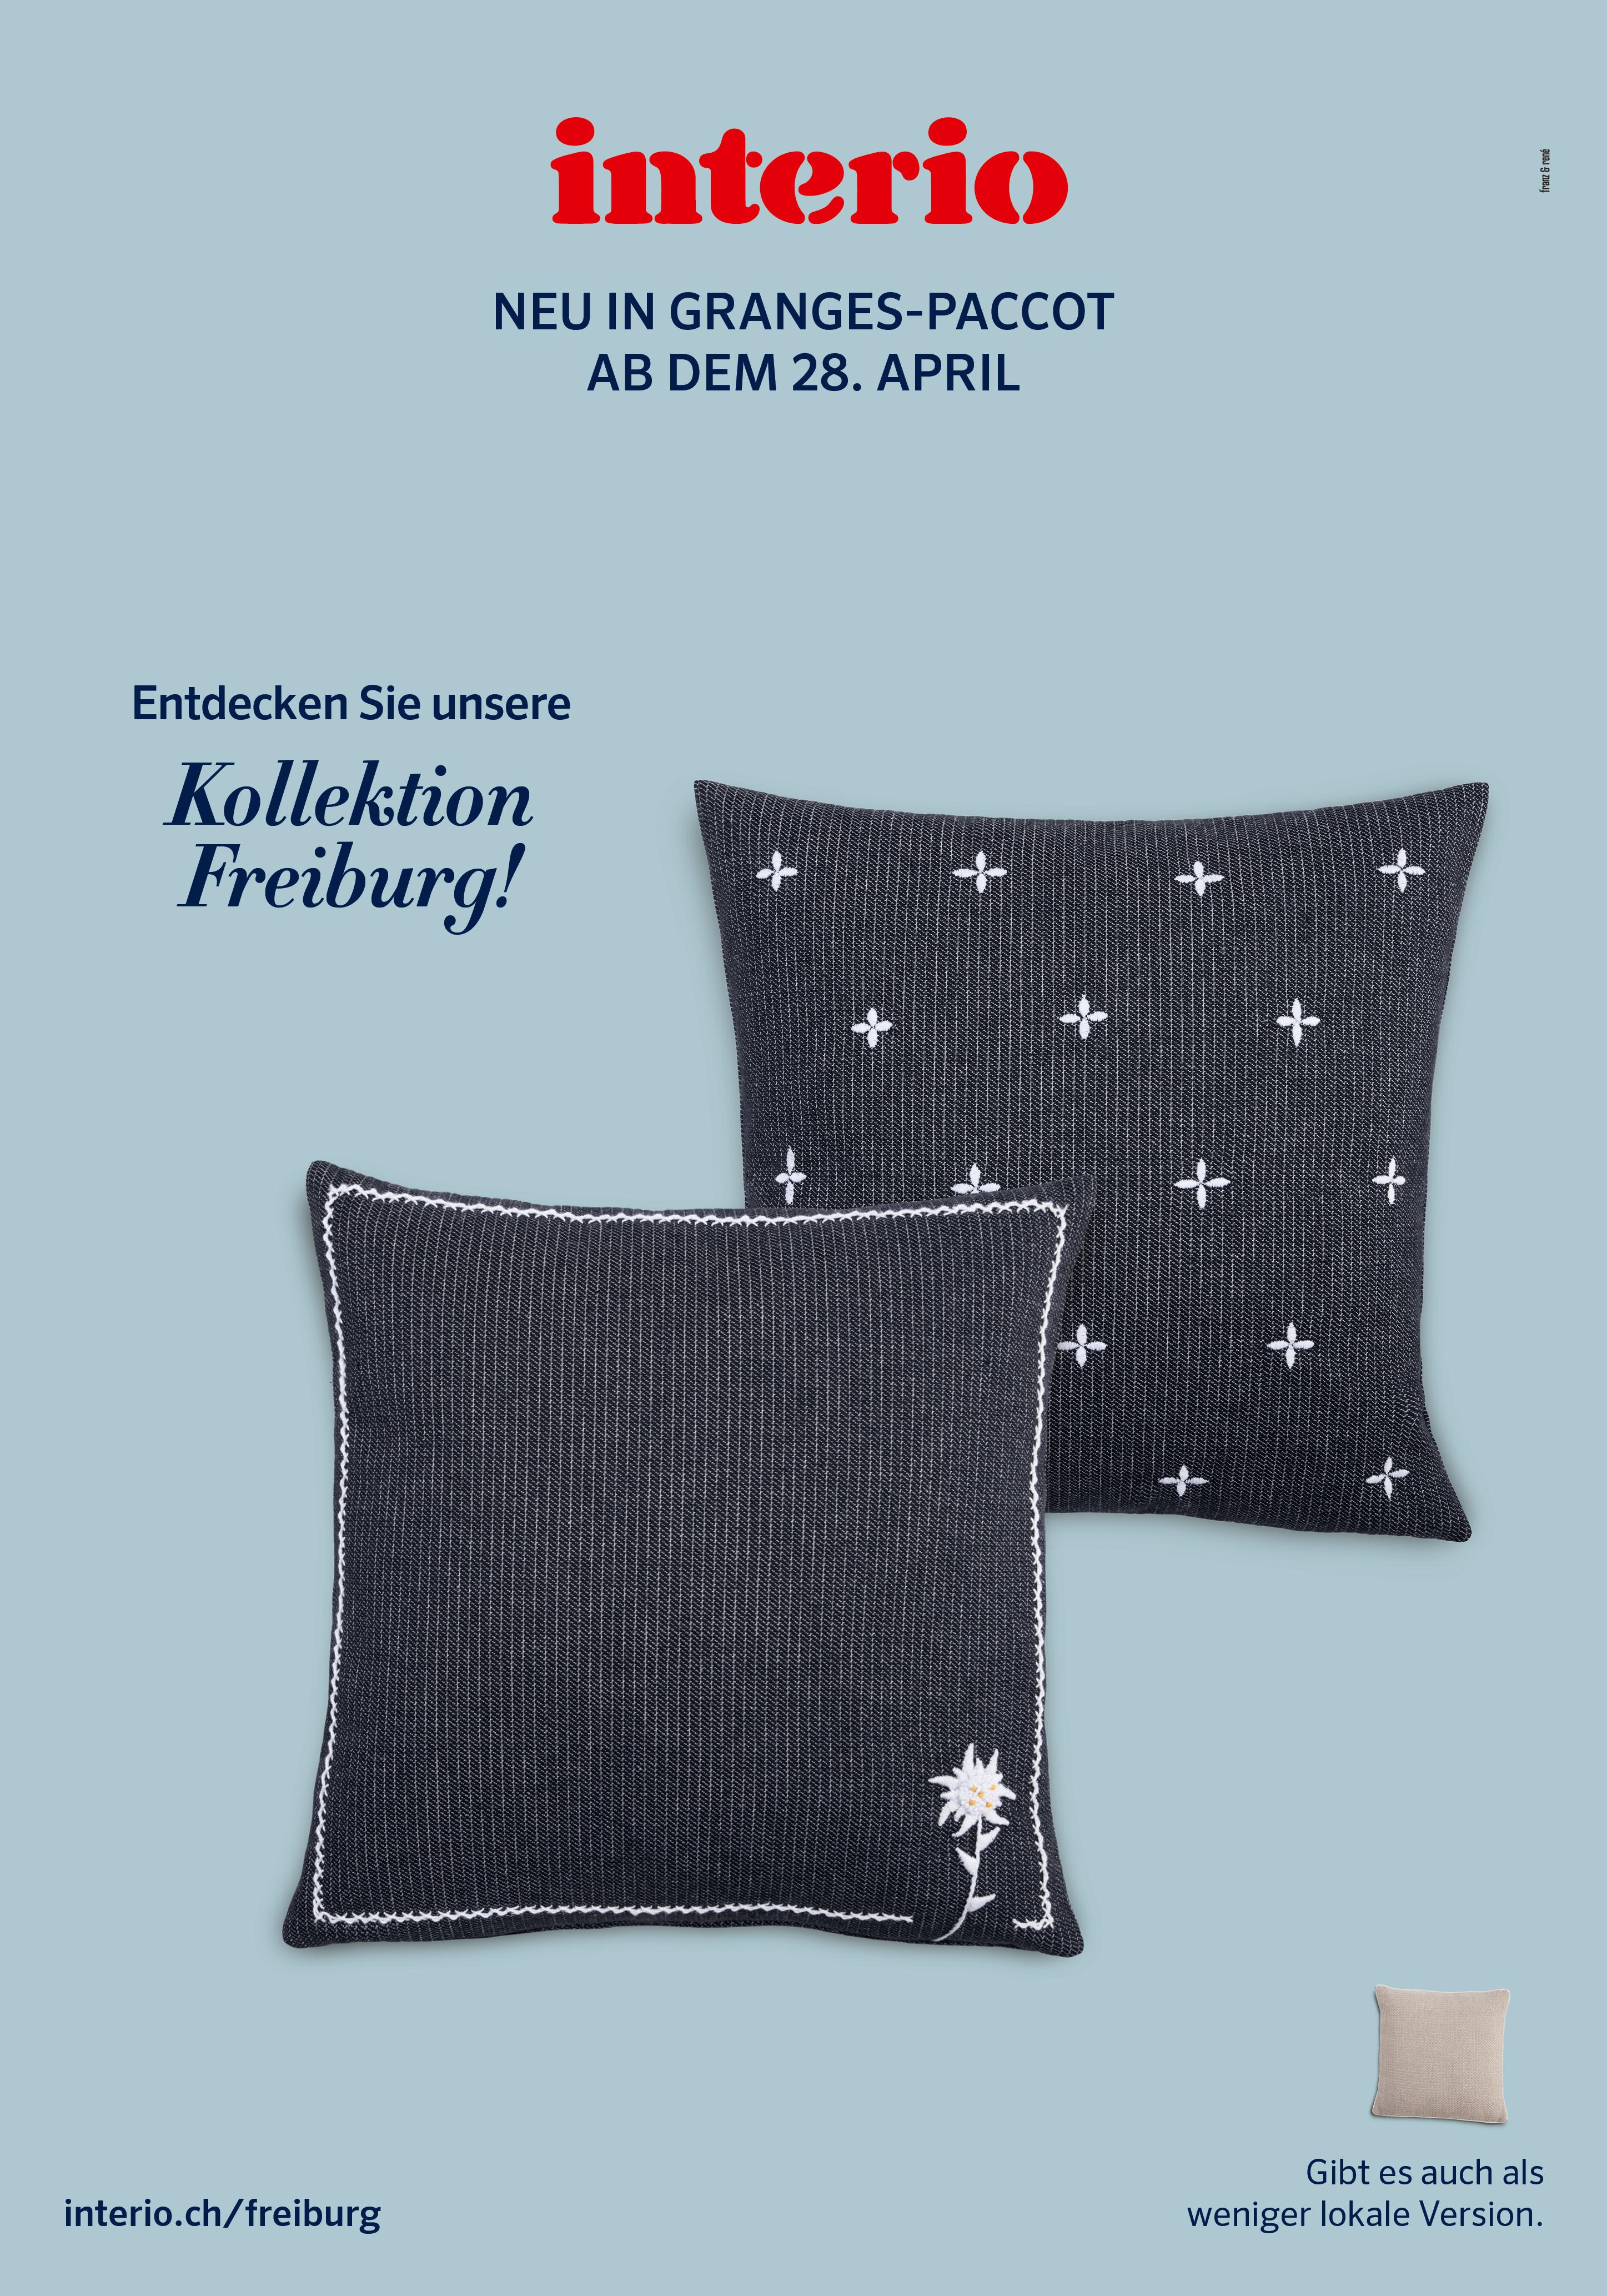 Franz René Traditionelle Freiburger Werte Für Interio Werbung